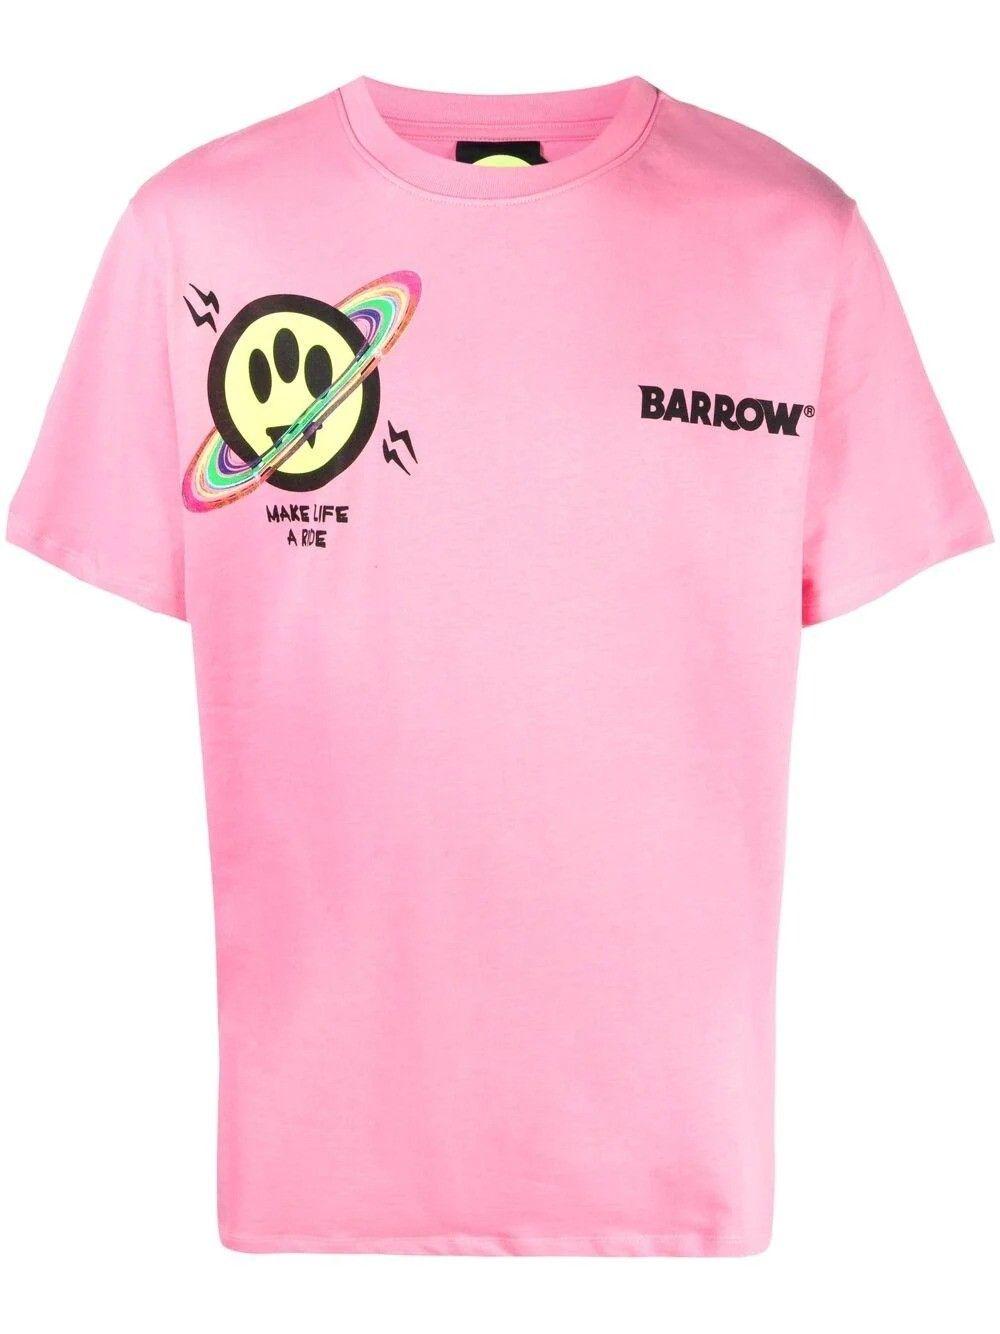 Barrow Cottons BARROW MEN'S PINK COTTON T-SHIRT